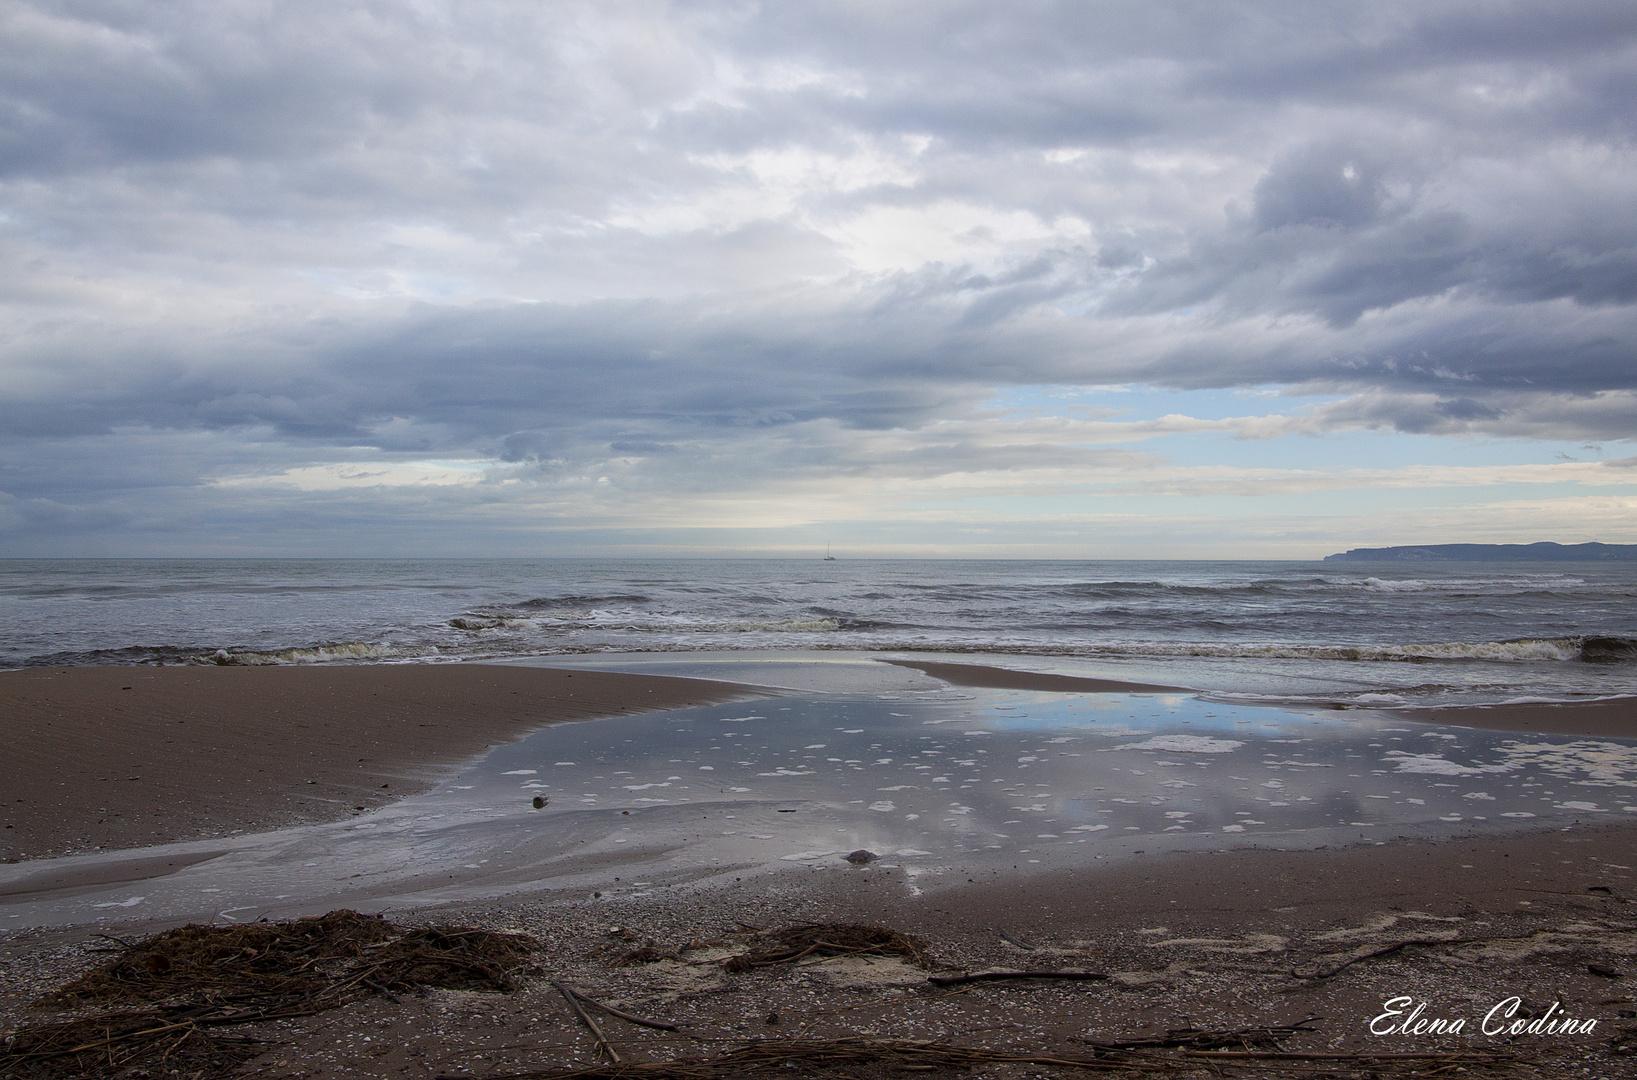 Un día triste en el mar